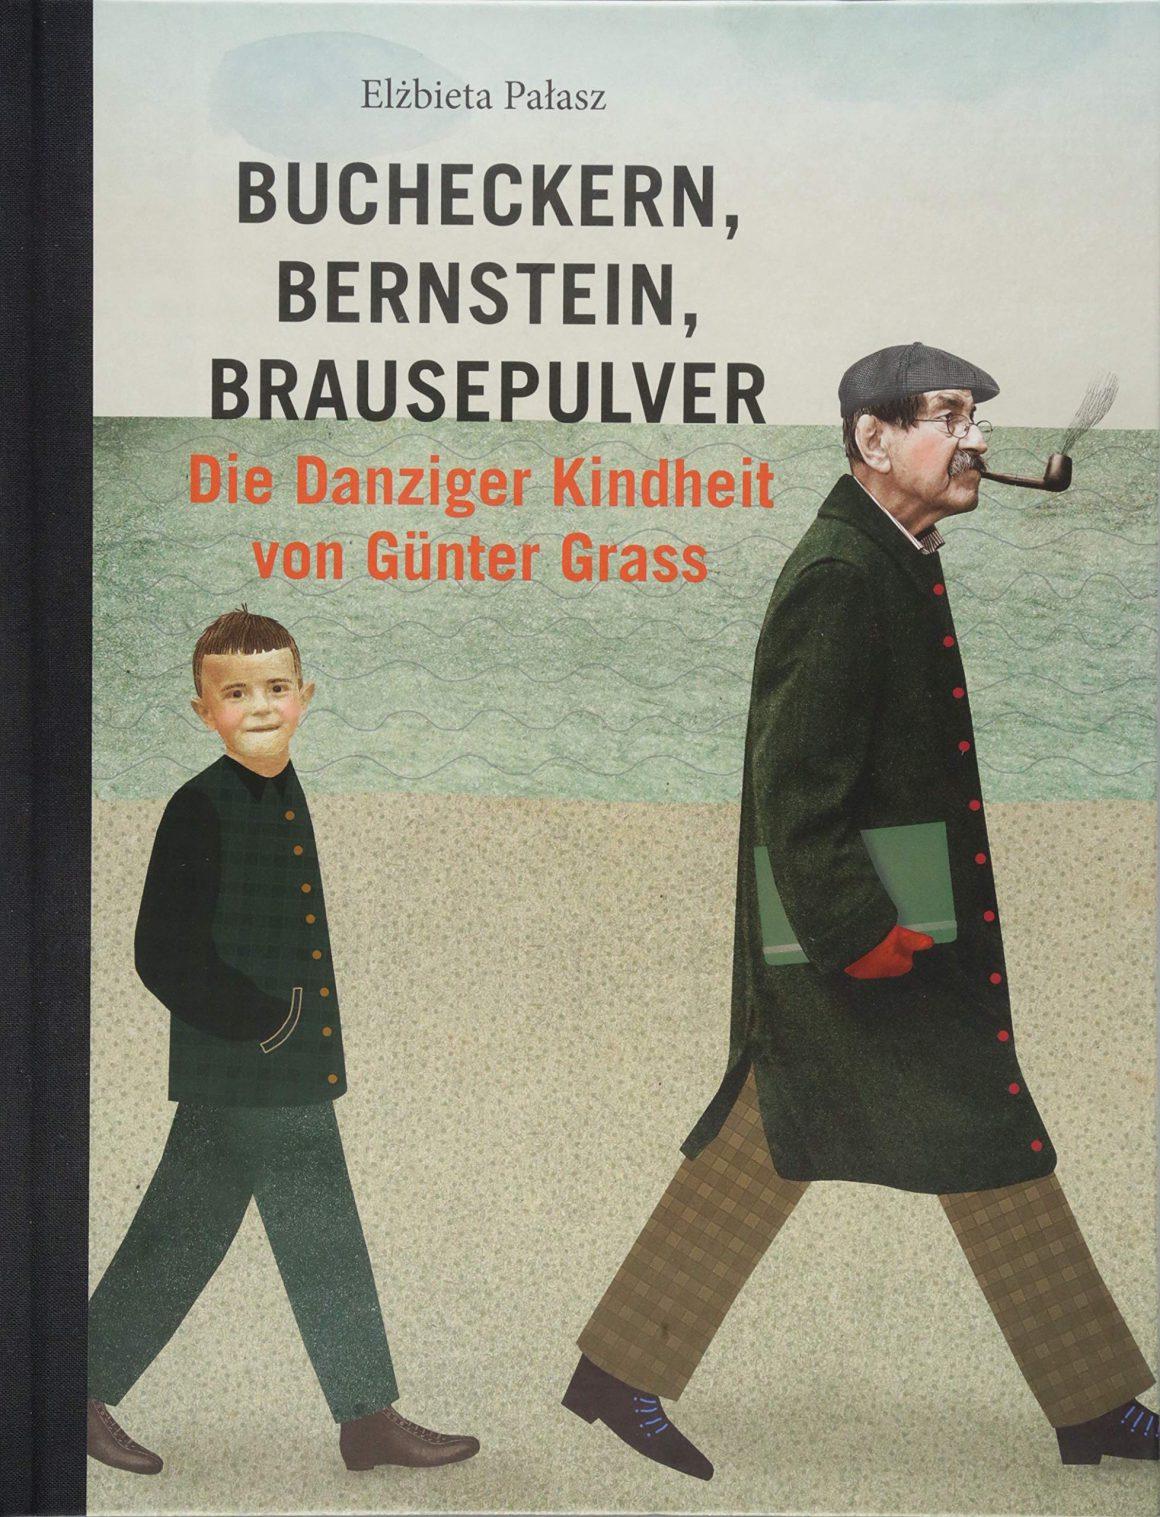 Mit Brausepulver, Butt und Beethoven: Die Danziger Kindheit von Günter Grass (Teil 1)